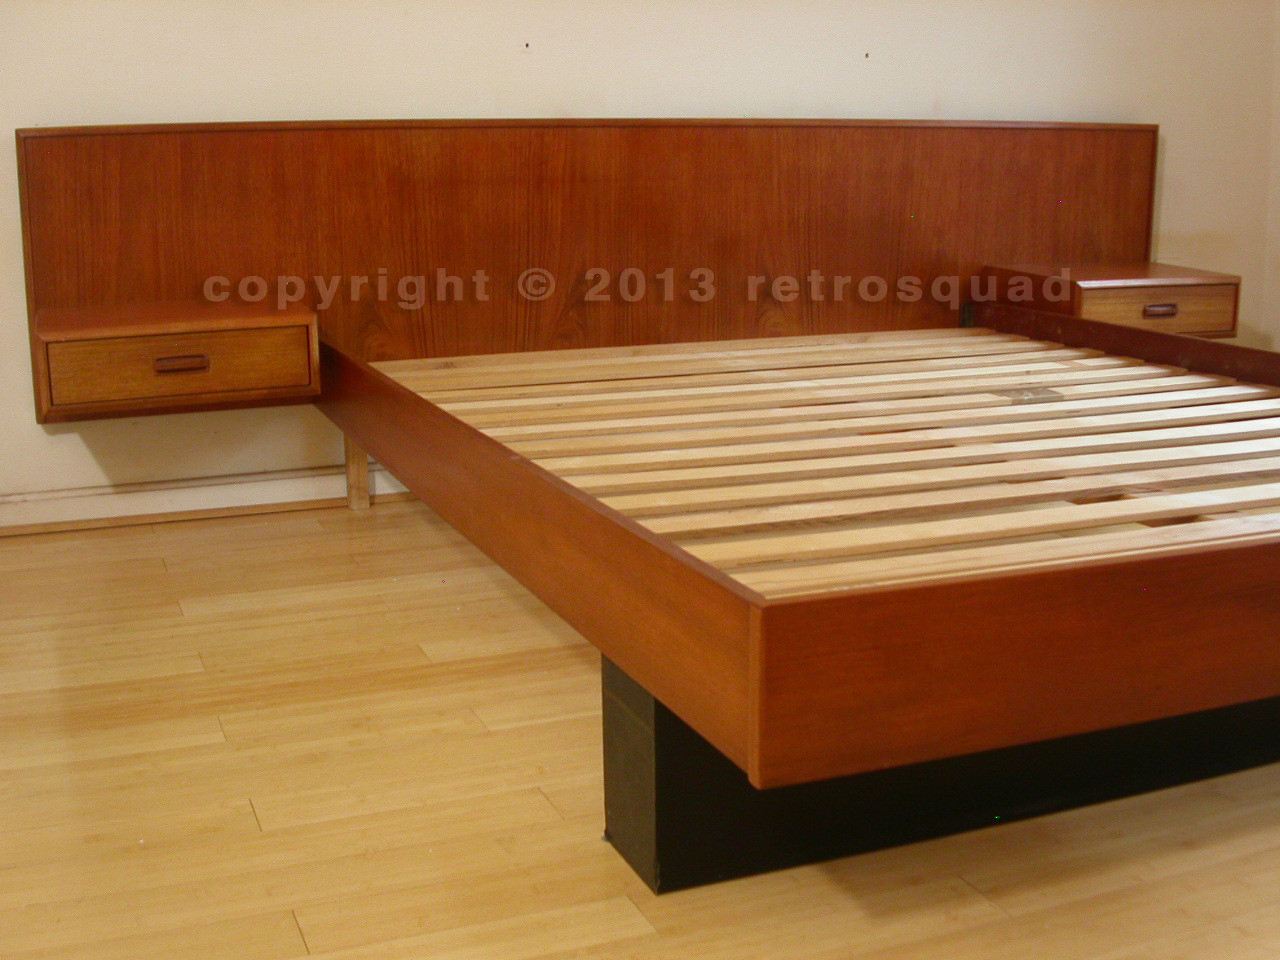 Danish Modern Teak Queen Platform Bed Floating Nightstands 02 Retro Squad